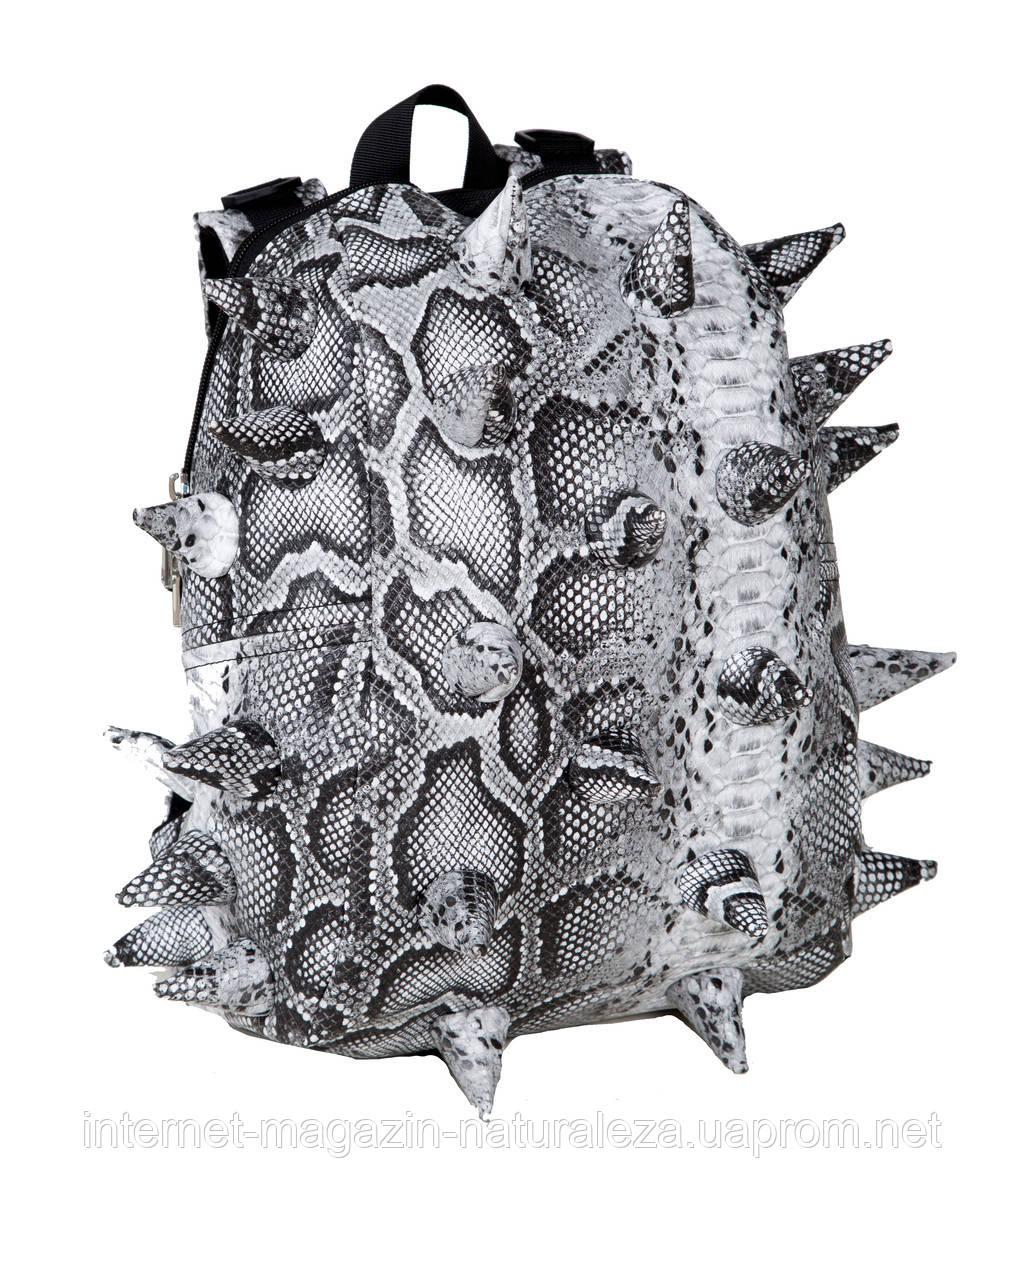 Школьный рюкзак Madpax Pactor Half цвет Rattled